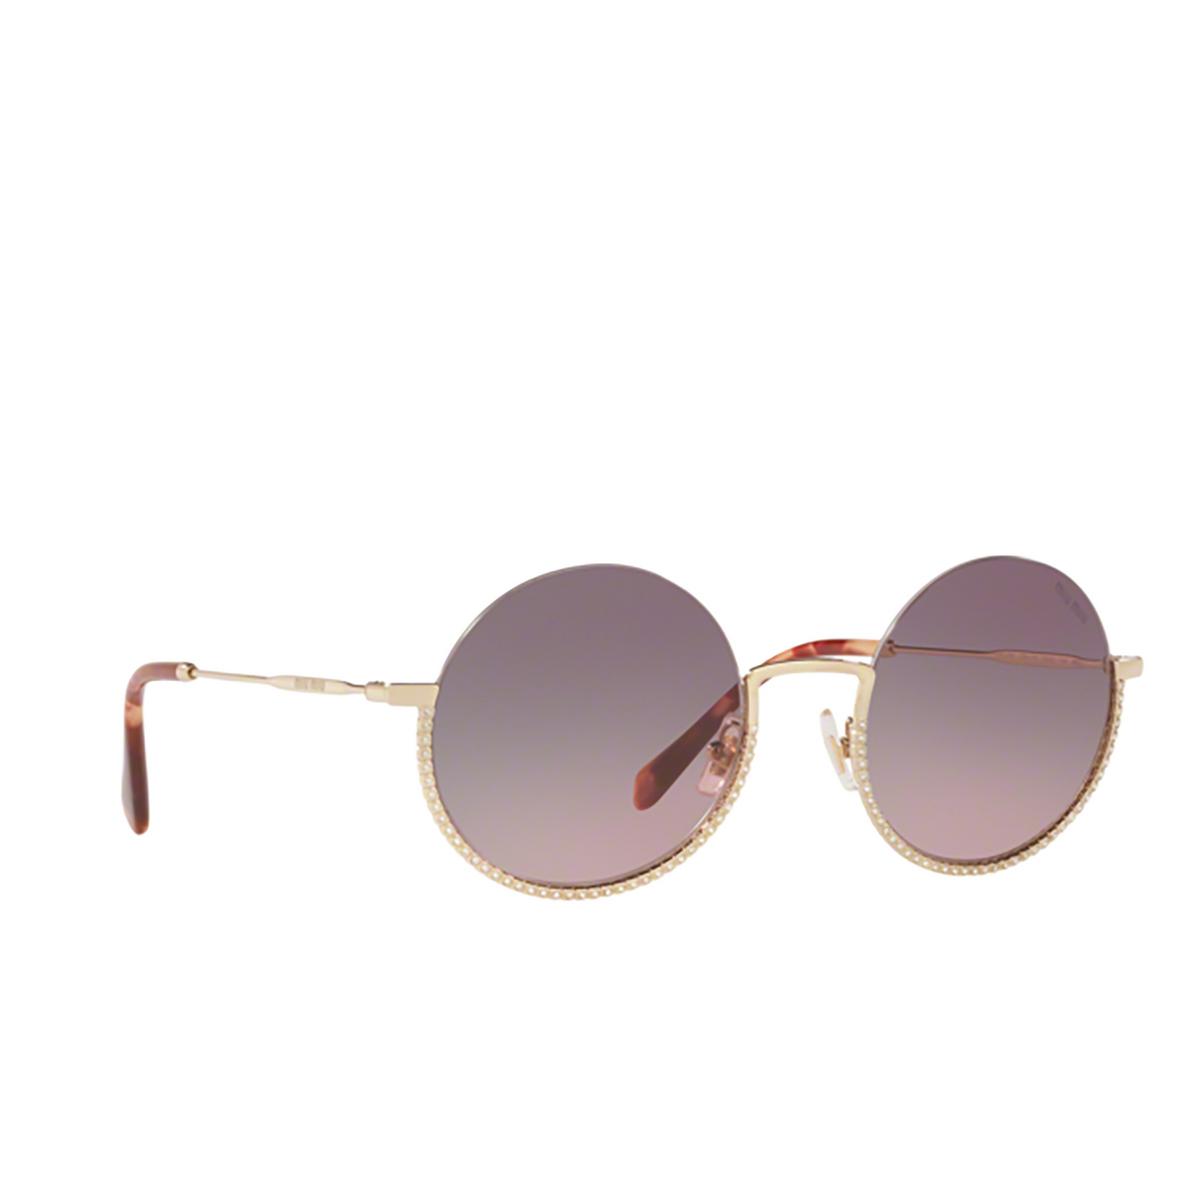 Miu Miu® Round Sunglasses: MU 69US color Pale Gold ZVN146.